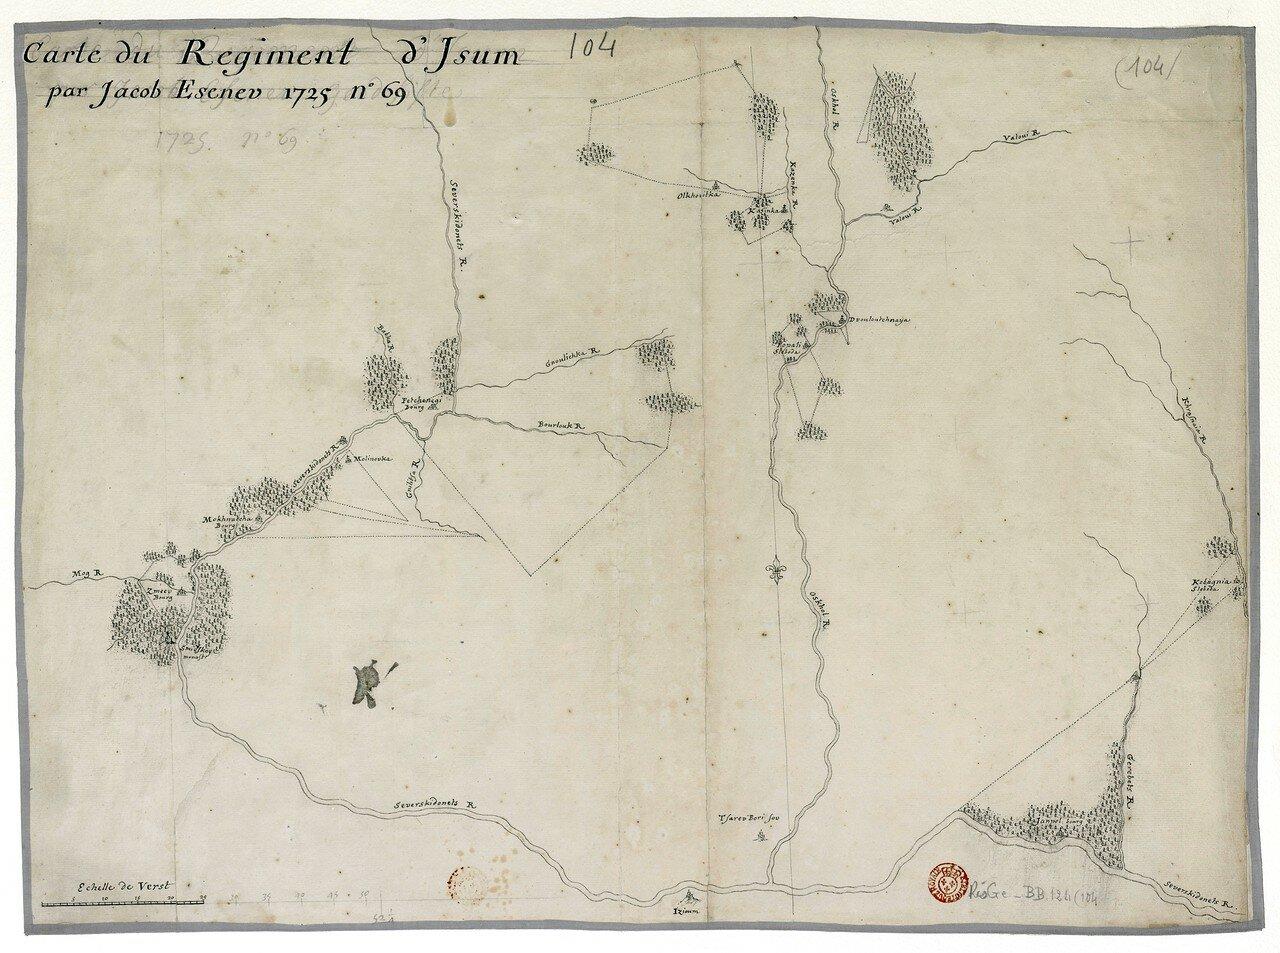 Карта земель Изюмского слободского казацкого полка, составленная в 1725 году геодезистом Яковом Есеневым